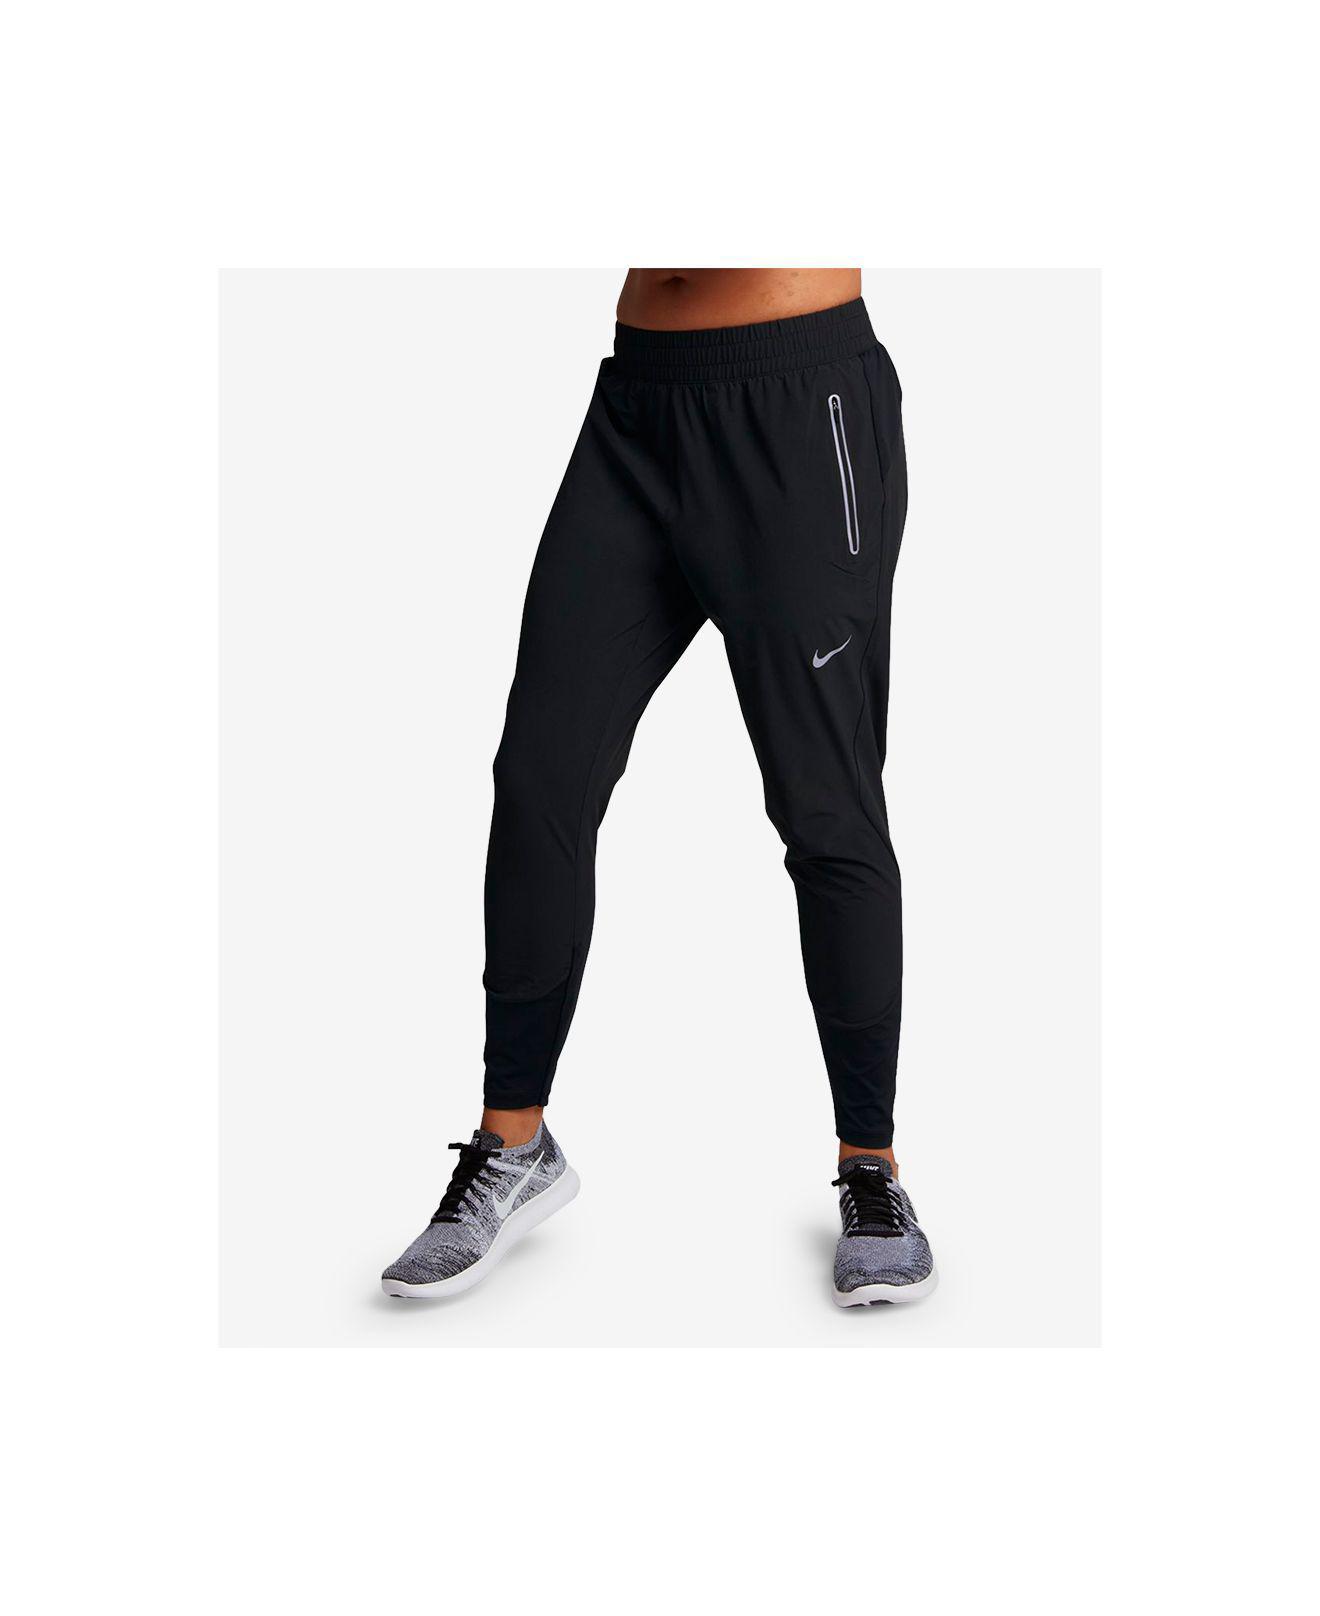 be0d5cdd720c6 Lyst - Nike Flex Swift Dri-fit Running Pants in Black